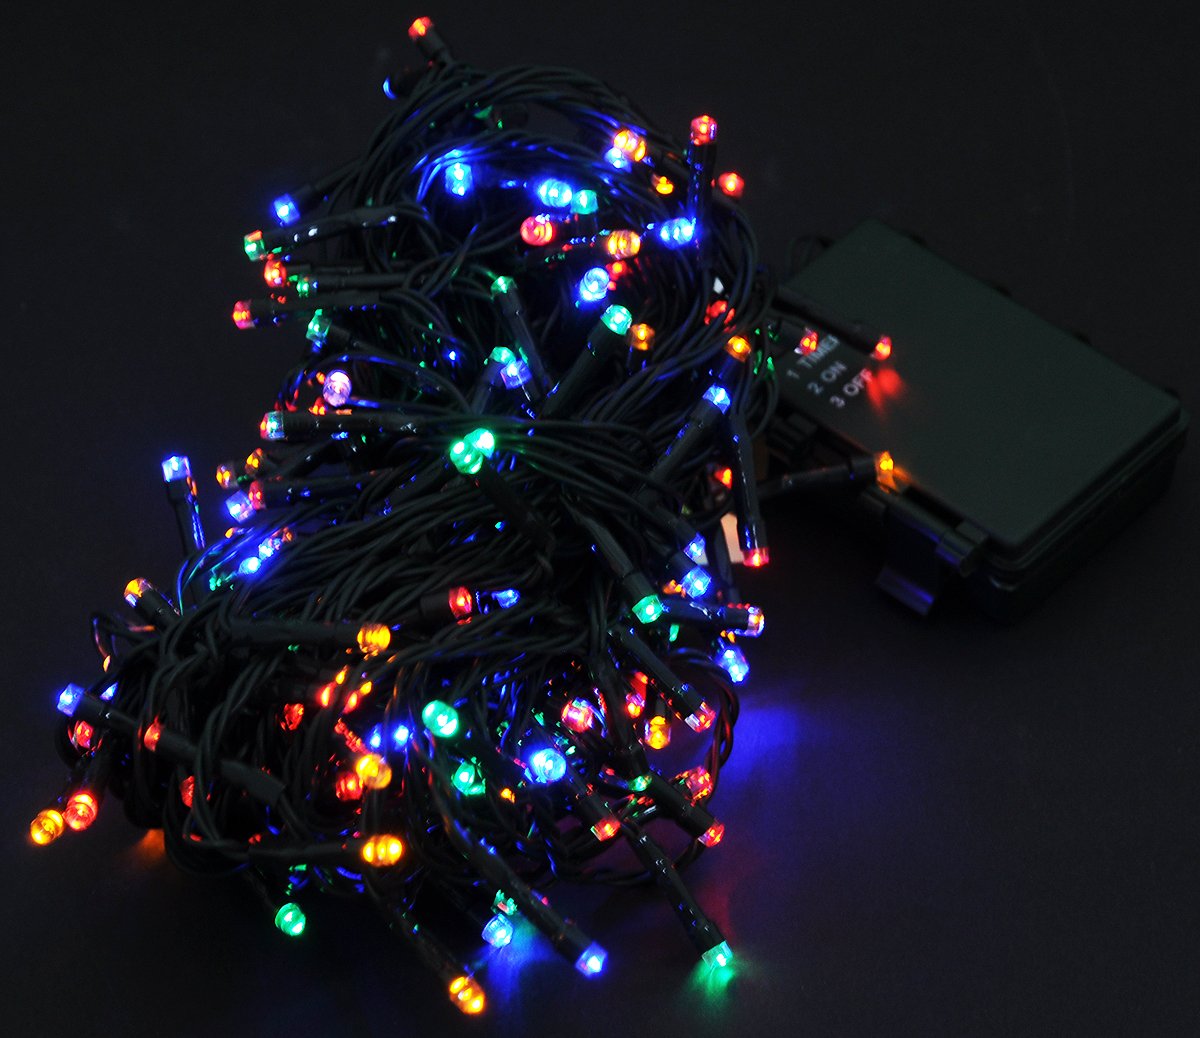 Гирлянда новогодняя Luca Lights, с контроллером, свет: мультиколор, 192 LED ламп, длина 14,4 м83089 (1034293)Новогодняя гирлянда Luca Lights, выполненная из качественных материалов, работает от 4 батареек типа АА. Блок для батареек водонепроницаемый.Изделие имеет временной контроллер. Когда вы включаете кнопку, огоньки горят 6 часов с этого момента. Через 6 часов отключаются. Через 18 часов после выключения включаются снова. Также предусмотрена кнопка, которая отключает этот режим. Оригинальный дизайн и красочное исполнение создадут праздничное настроение. Откройте для себя удивительный мир сказок и грез. Почувствуйте волшебные минуты ожидания праздника, создайте новогоднее настроение вашим дорогим и близким.Расстояние между лампочками 7,5 см.